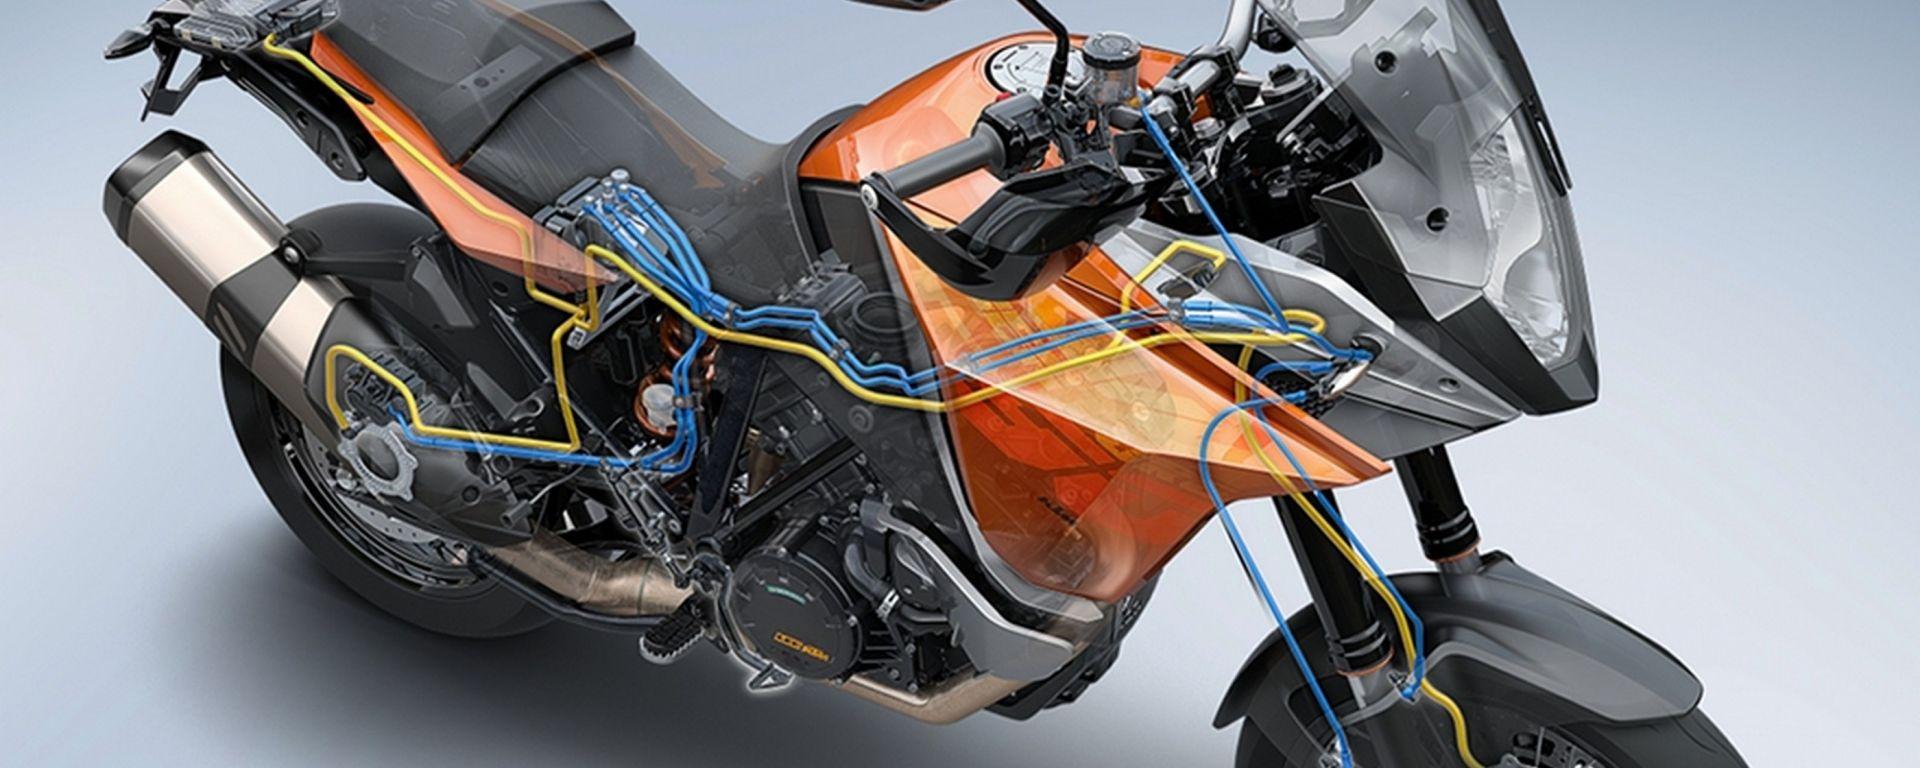 KTM Moto Stability Control